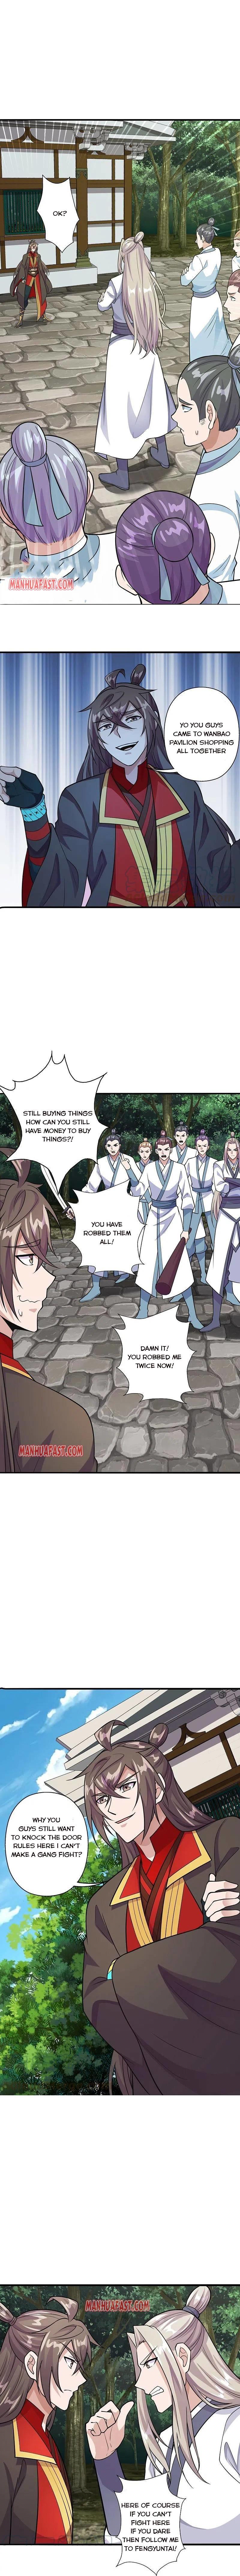 Banished Disciple's Counterattack Chapter 203 page 2 - Mangakakalots.com